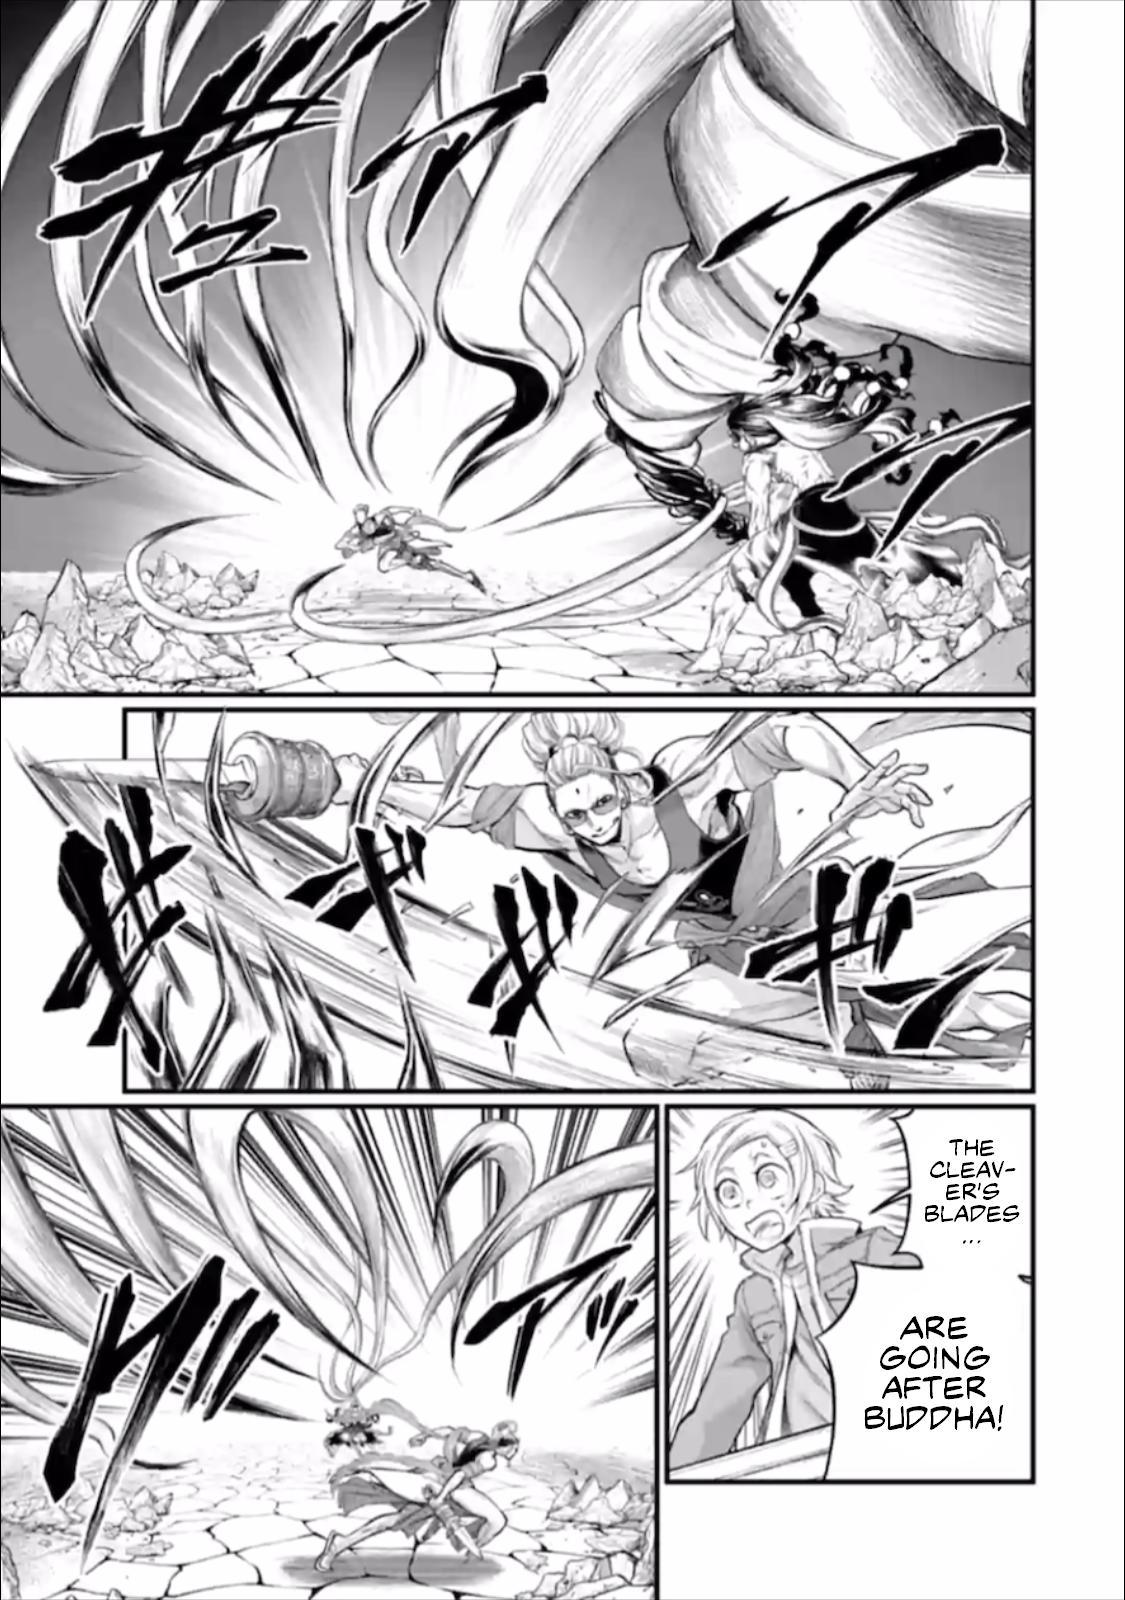 Shuumatsu no Valkyrie, Chapter 48 image 0048-018